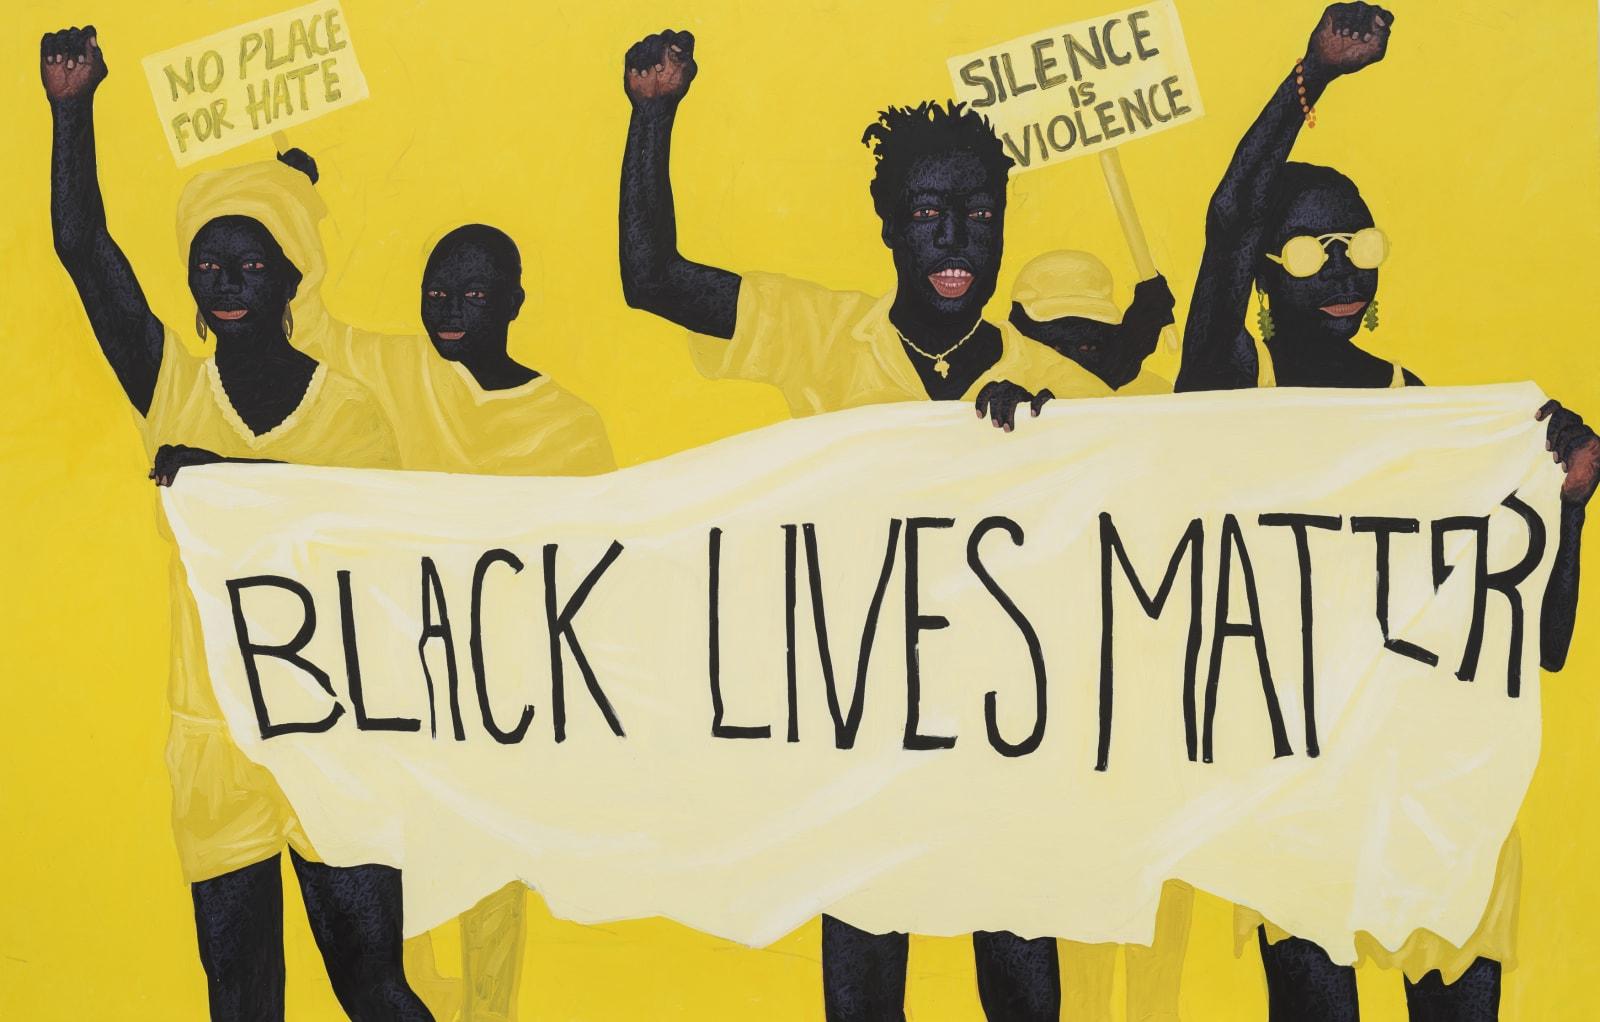 Kwesi Botchway, blacklivesmatter (DIvine Protesting), 2020